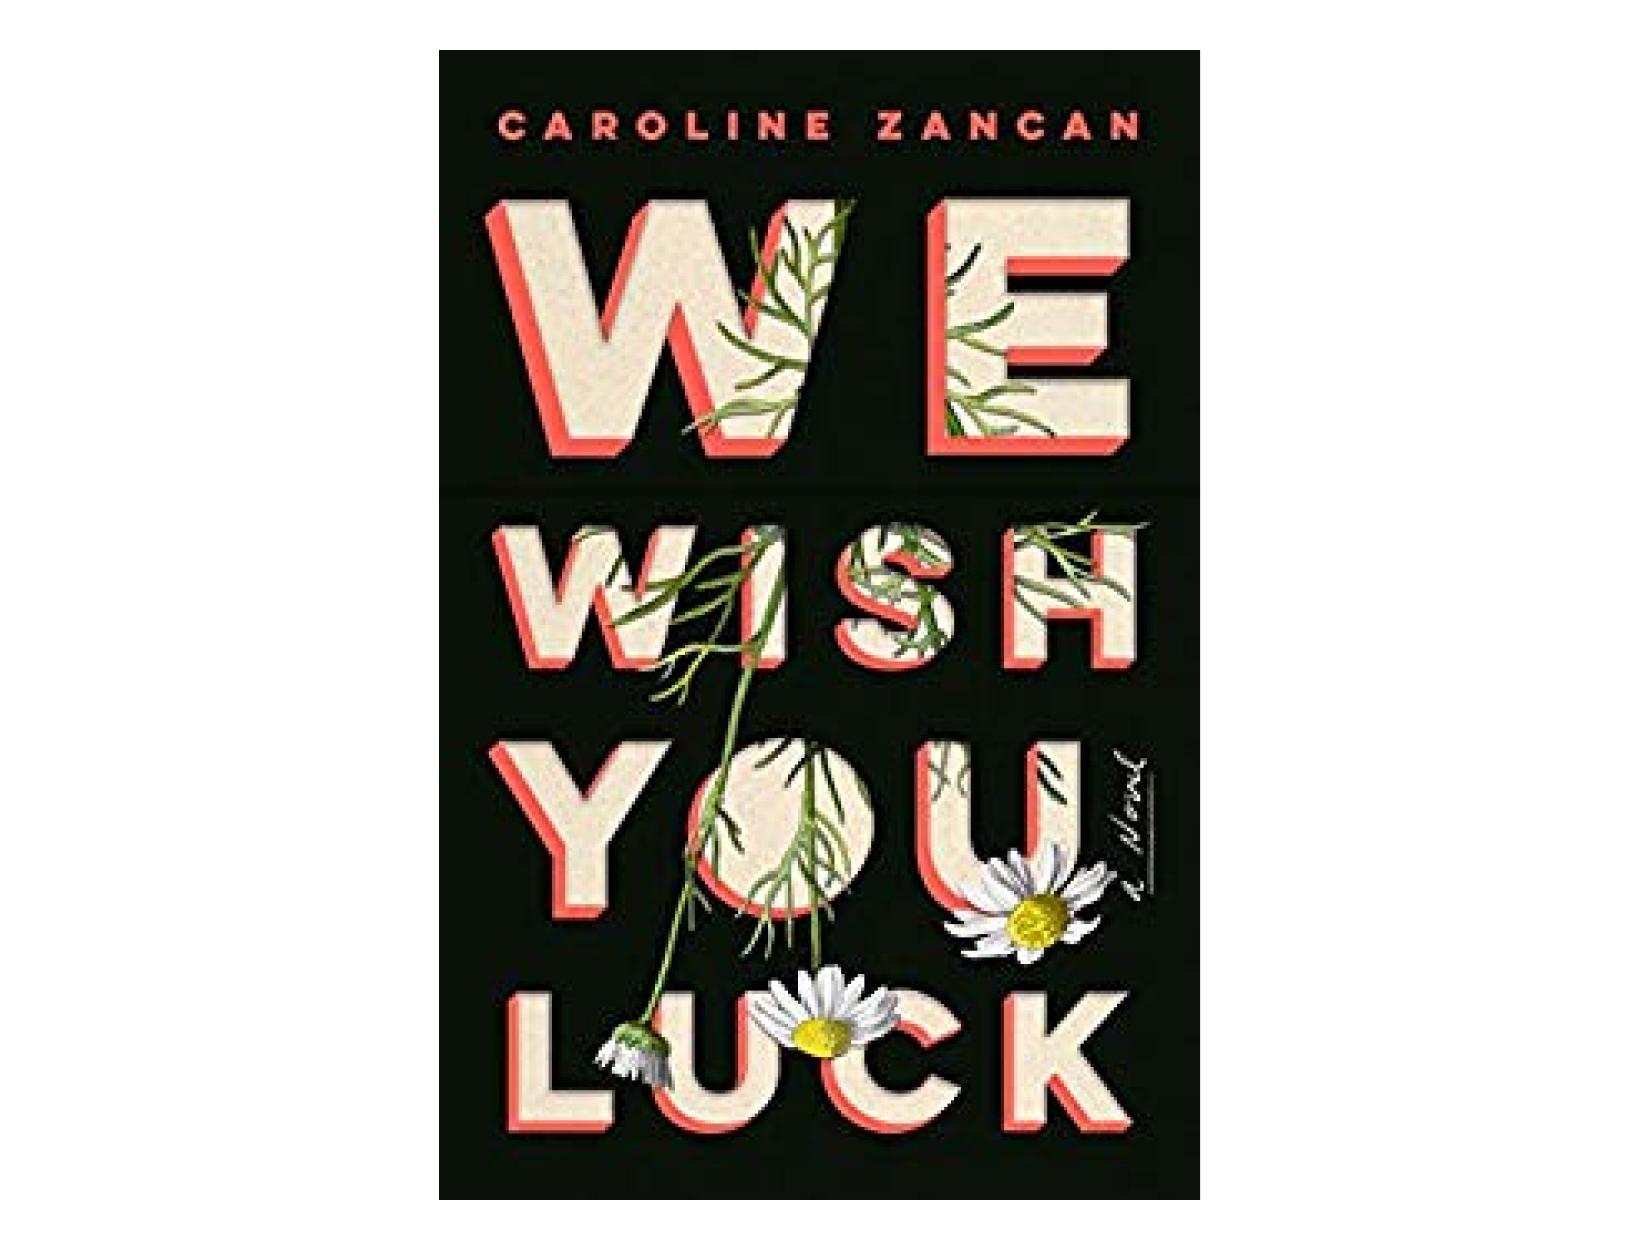 <em>autor Caroline Zancan